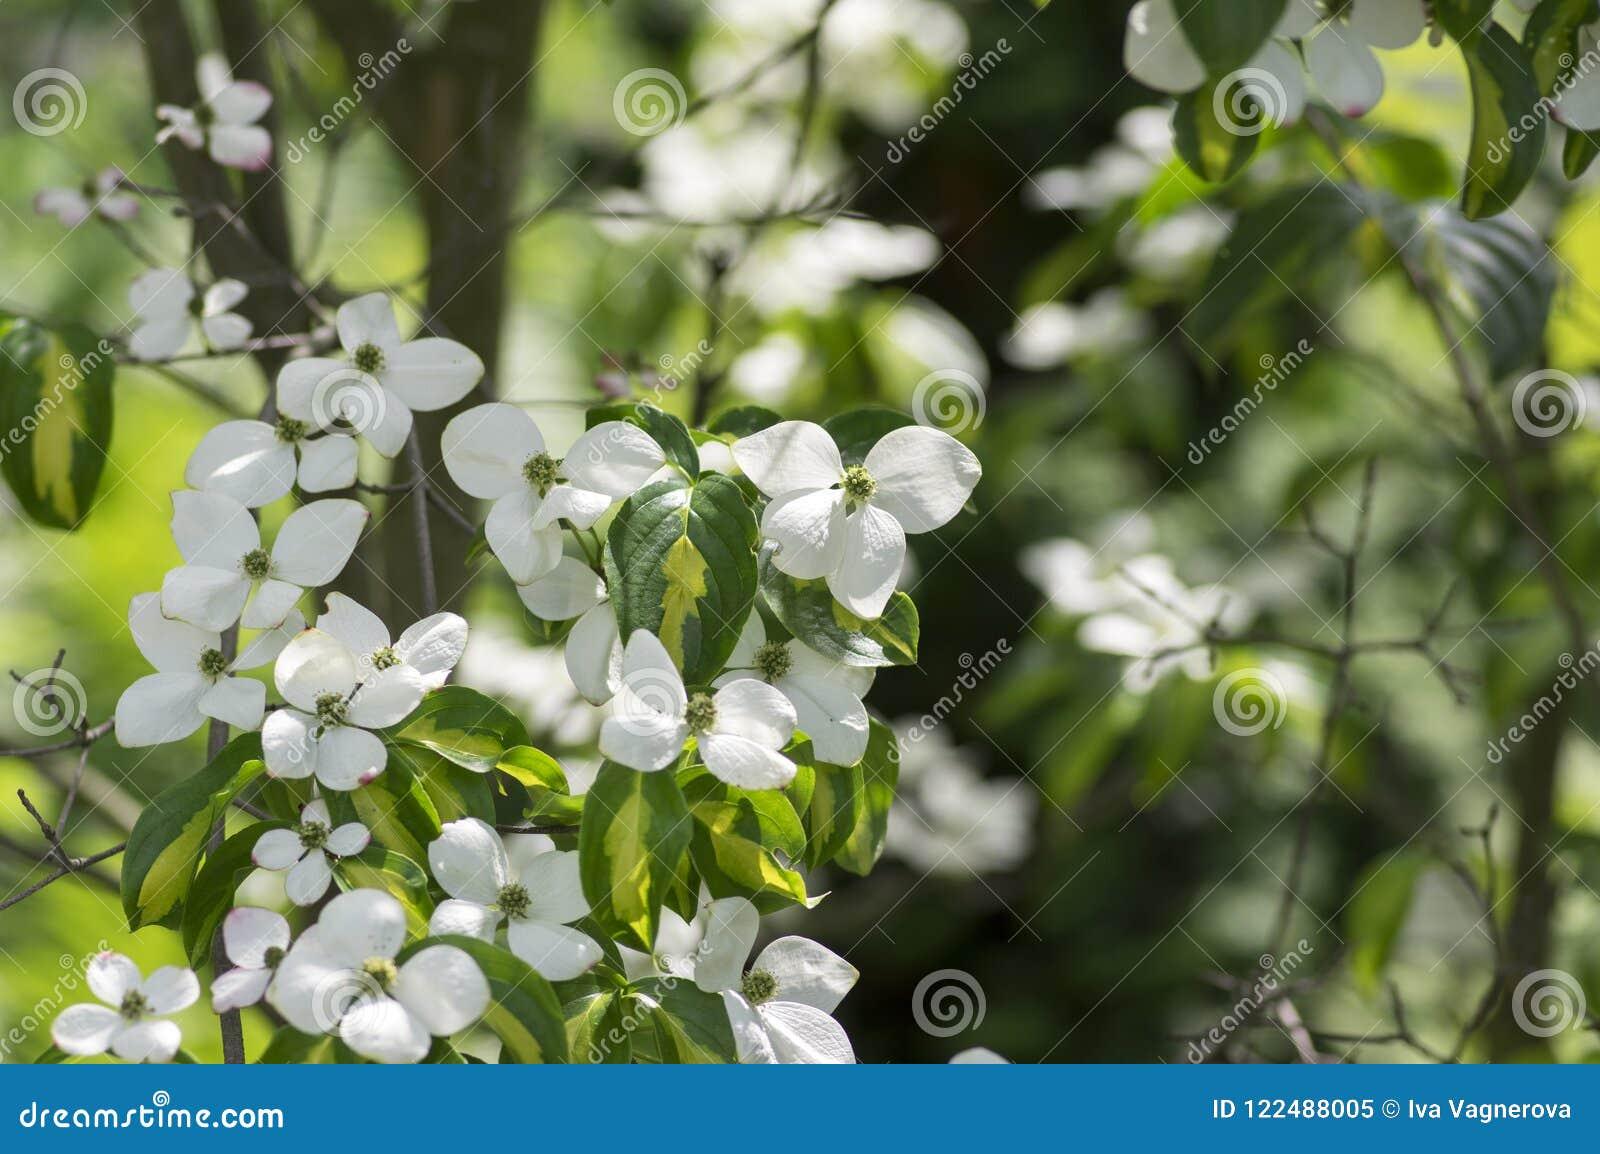 Fiori Bianchi Con Quattro Petali.Ornamentale Di Kousa Della Cornina E Bello Arbusto Di Fioritura